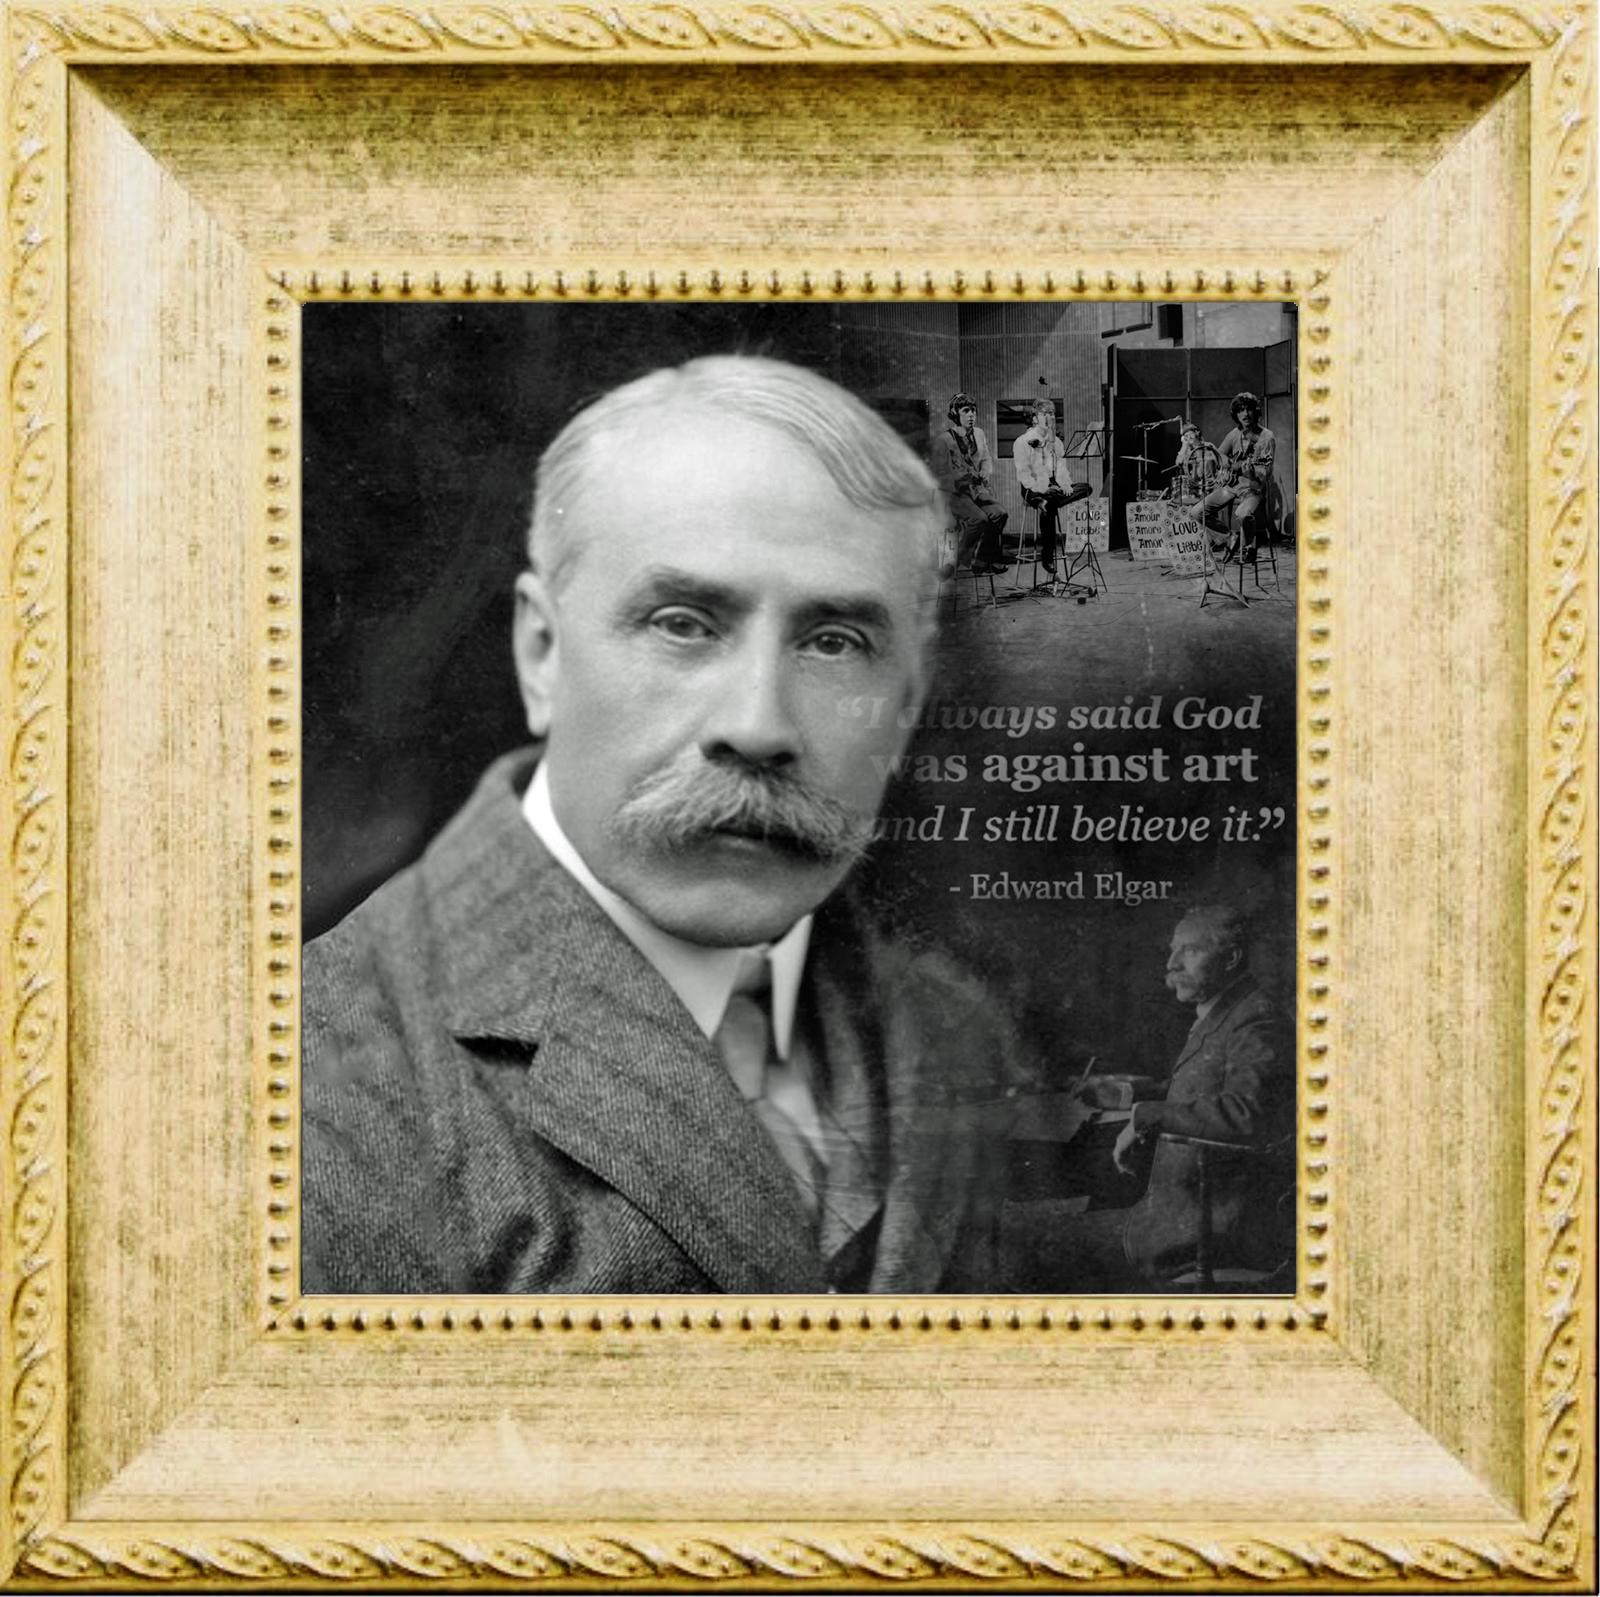 Edward-Elgar